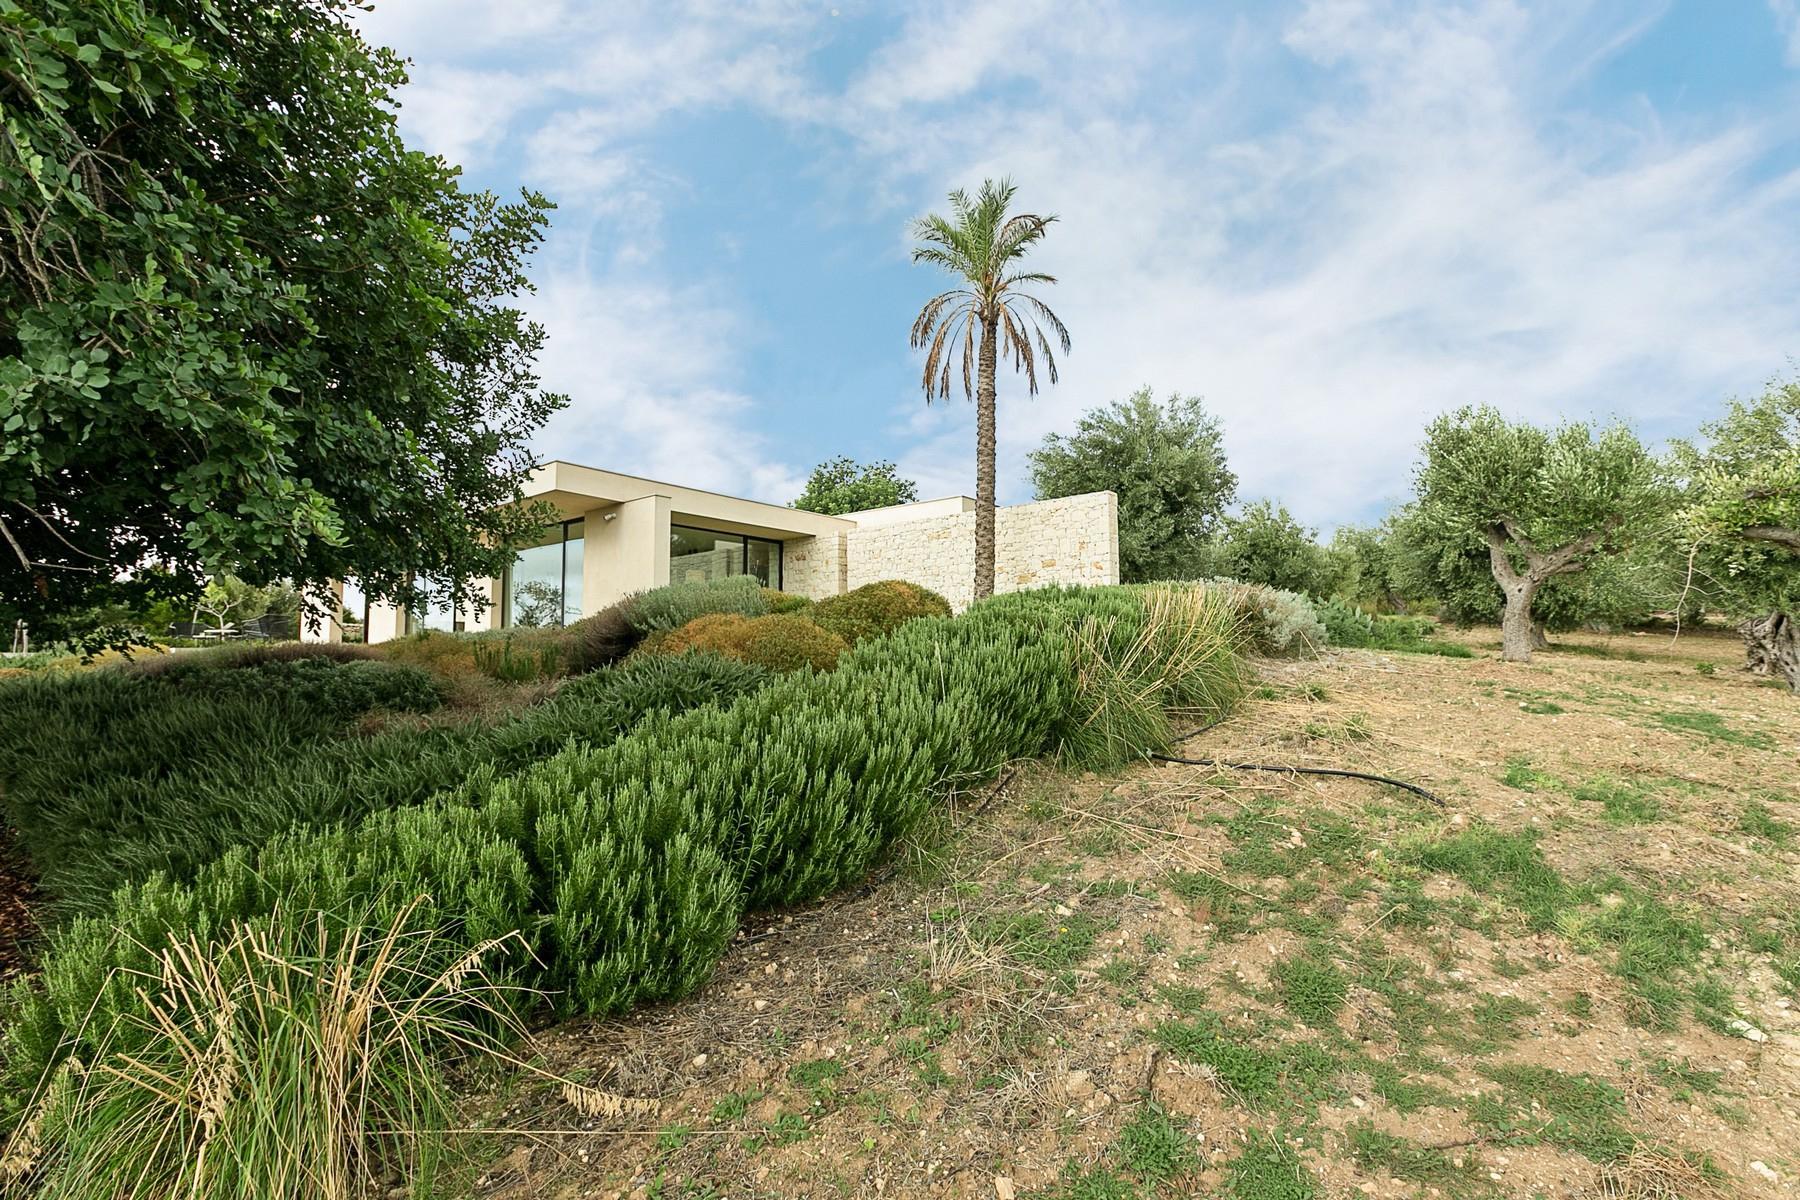 拥有游泳池和附属建筑当代设计的别墅 - 31